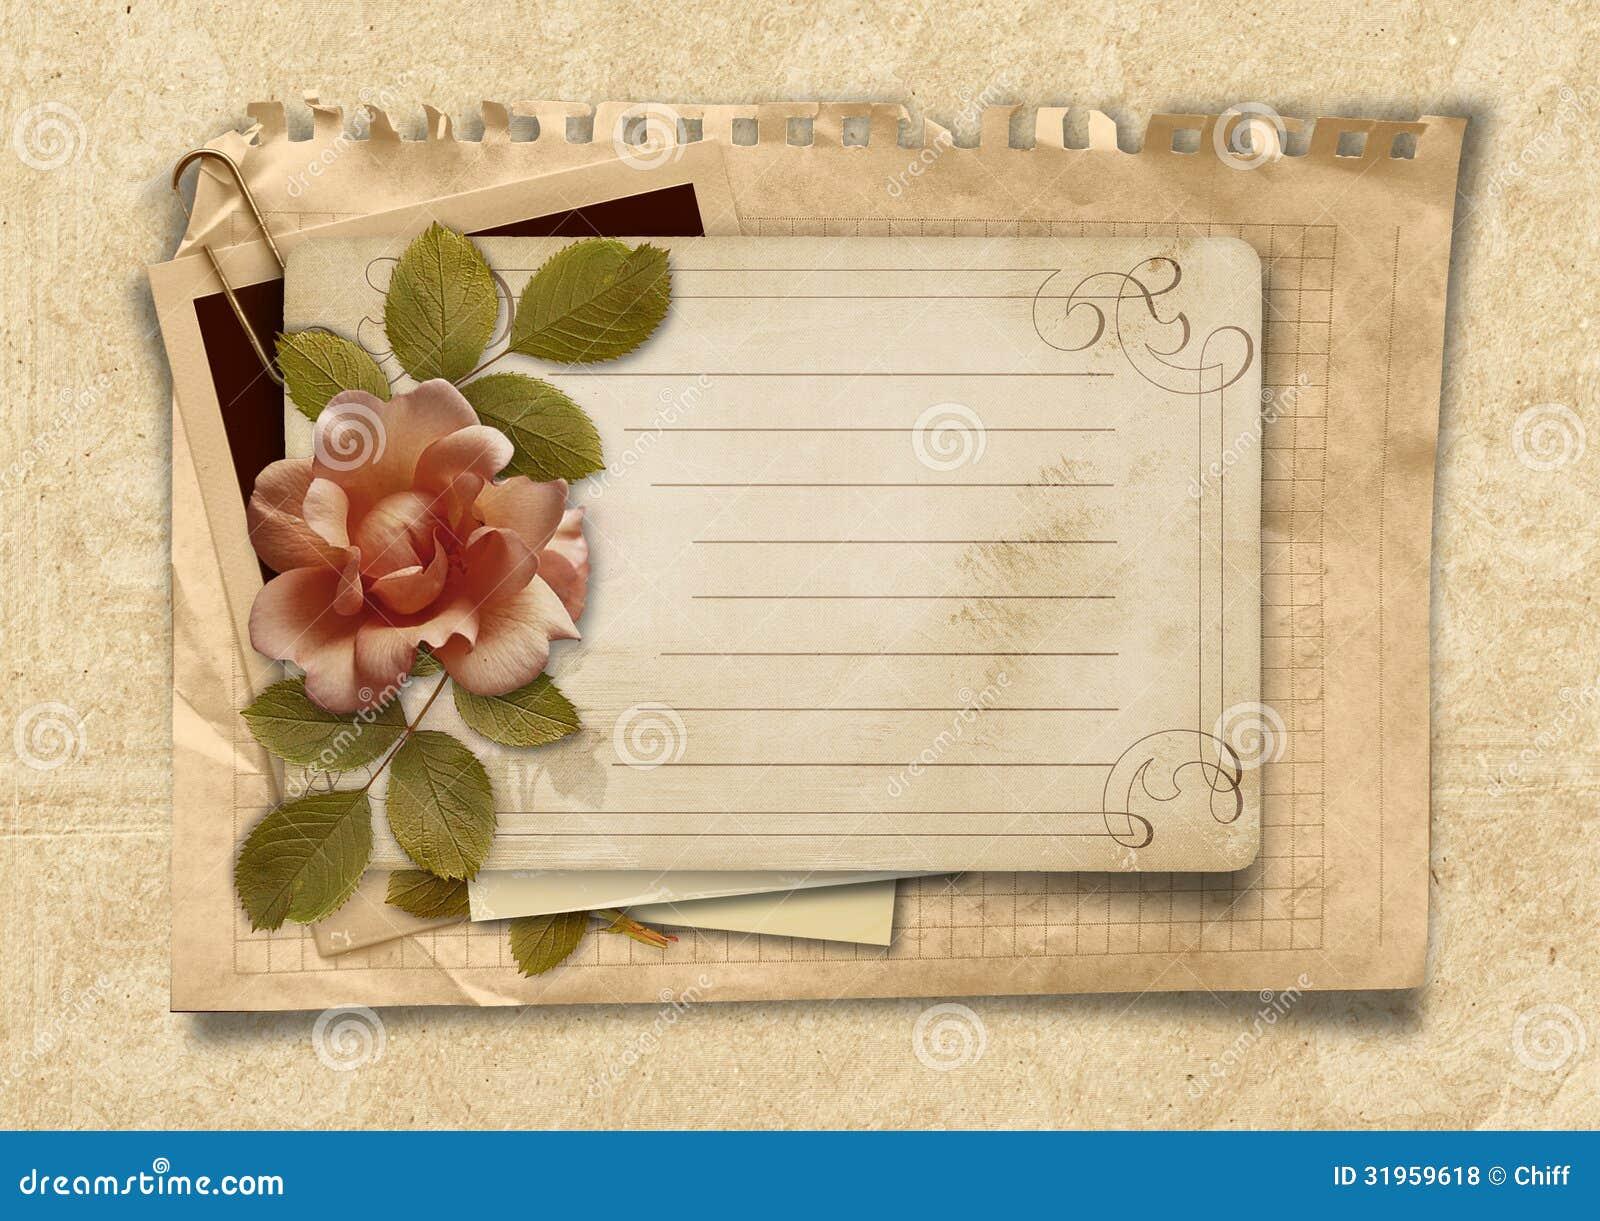 Как сделать открытки своими руками под старину с днем рождения